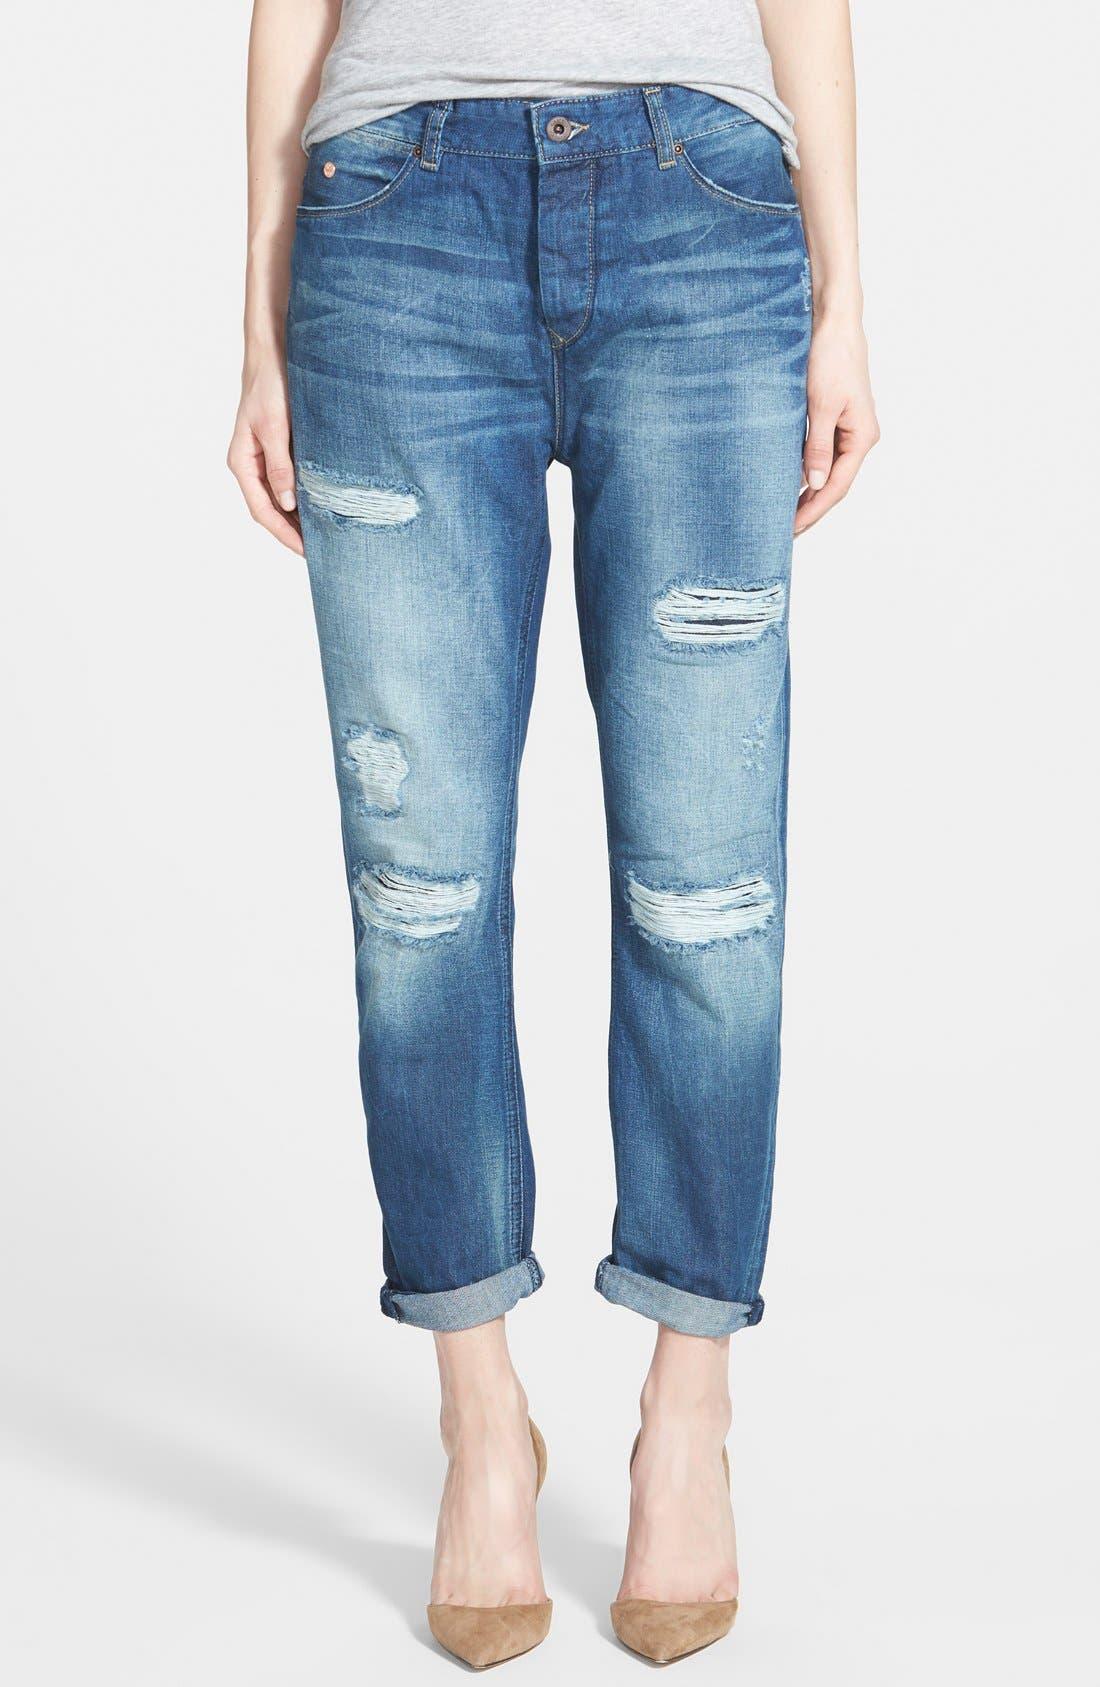 LAdorable Ripped Boyfriend Jeans - Denim Maison Scotch High Quality Sale Online Great Deals Sale Online Sale Shopping Online NZPXOn